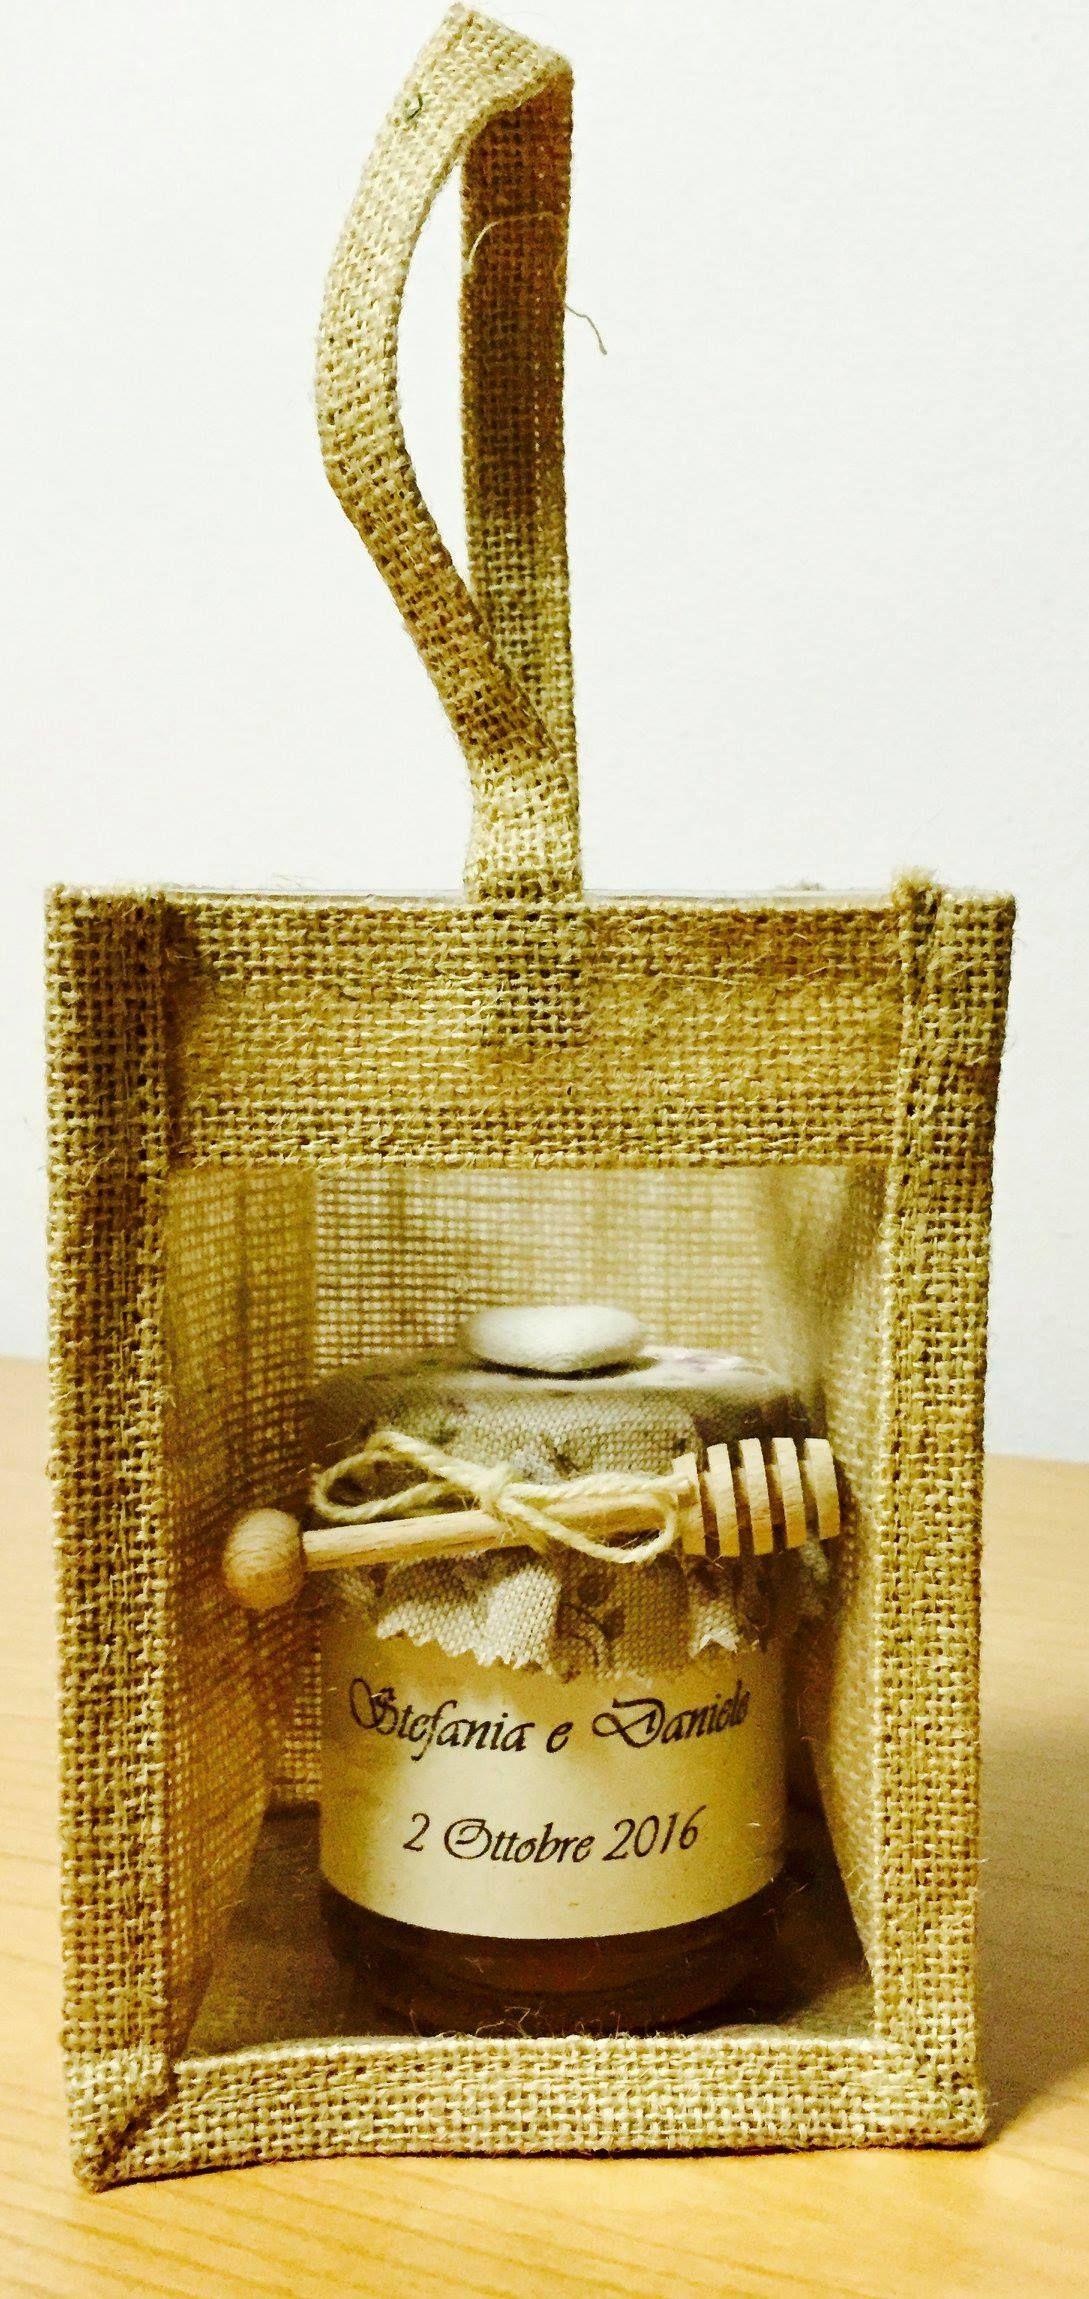 Bomboniera miele con spargimiele in legno e sacchetto in ...